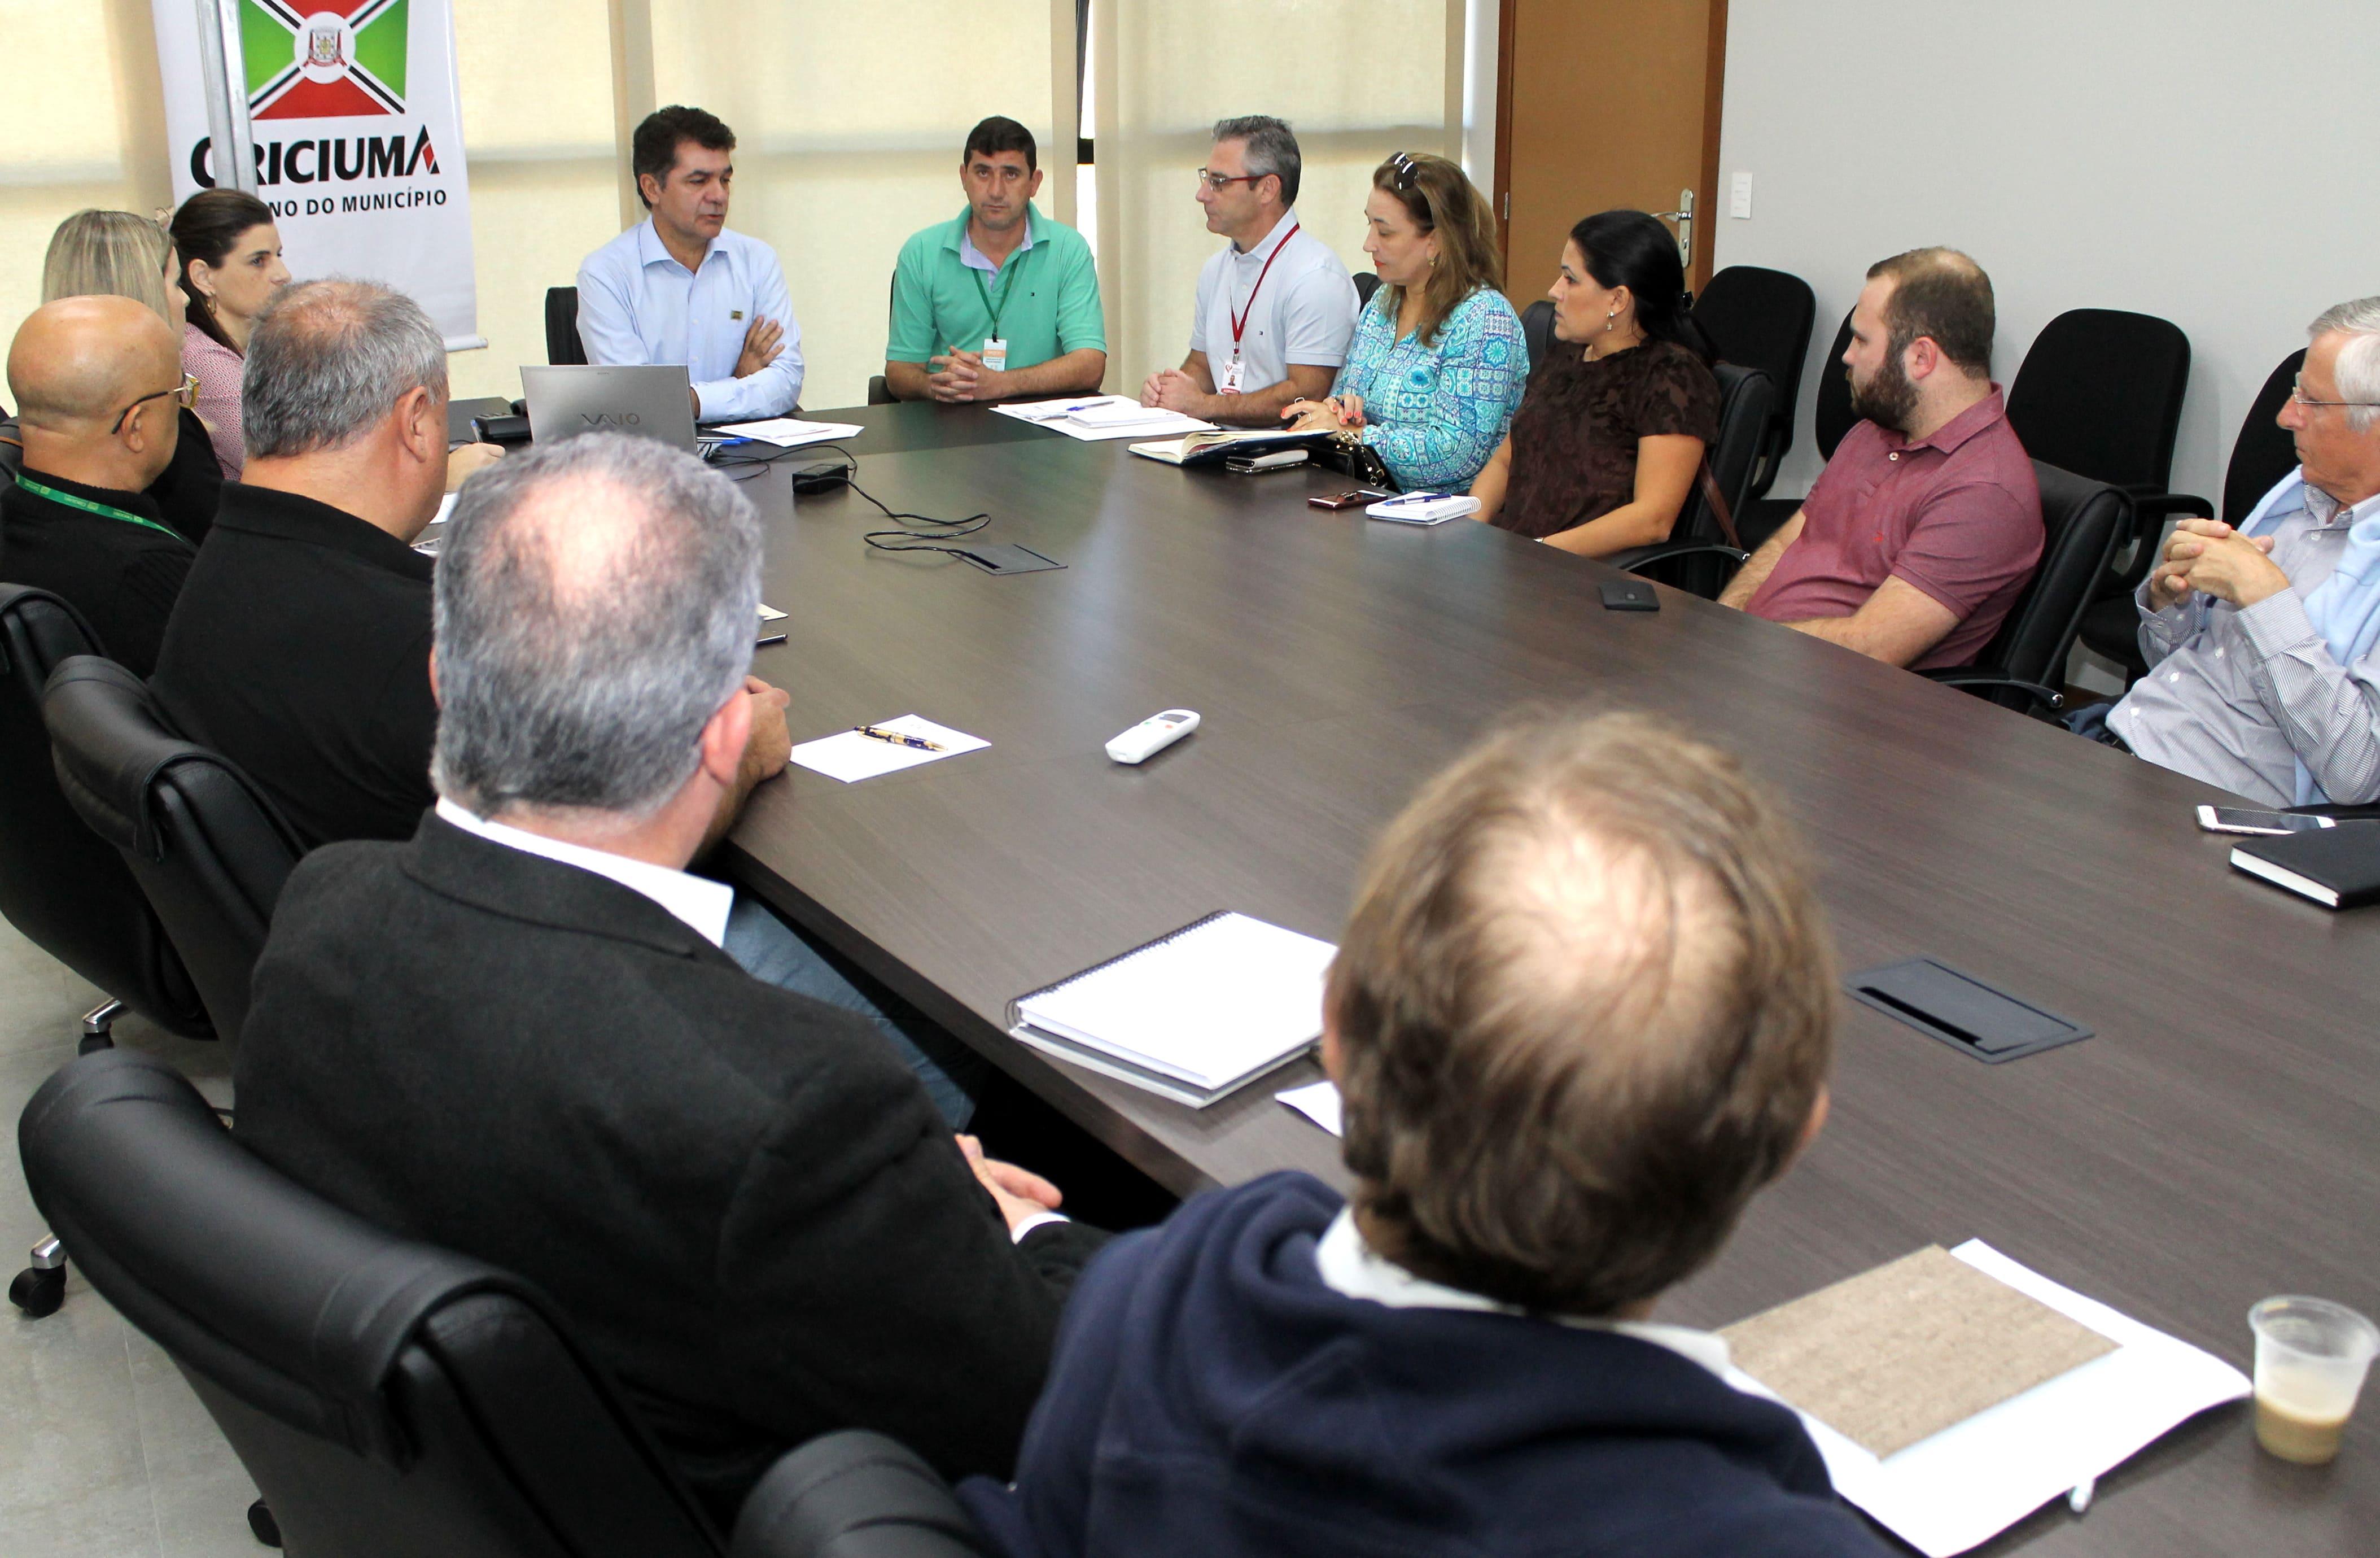 Prefeitura garante manutenção de serviços essenciais na saúde, educação e transporte público